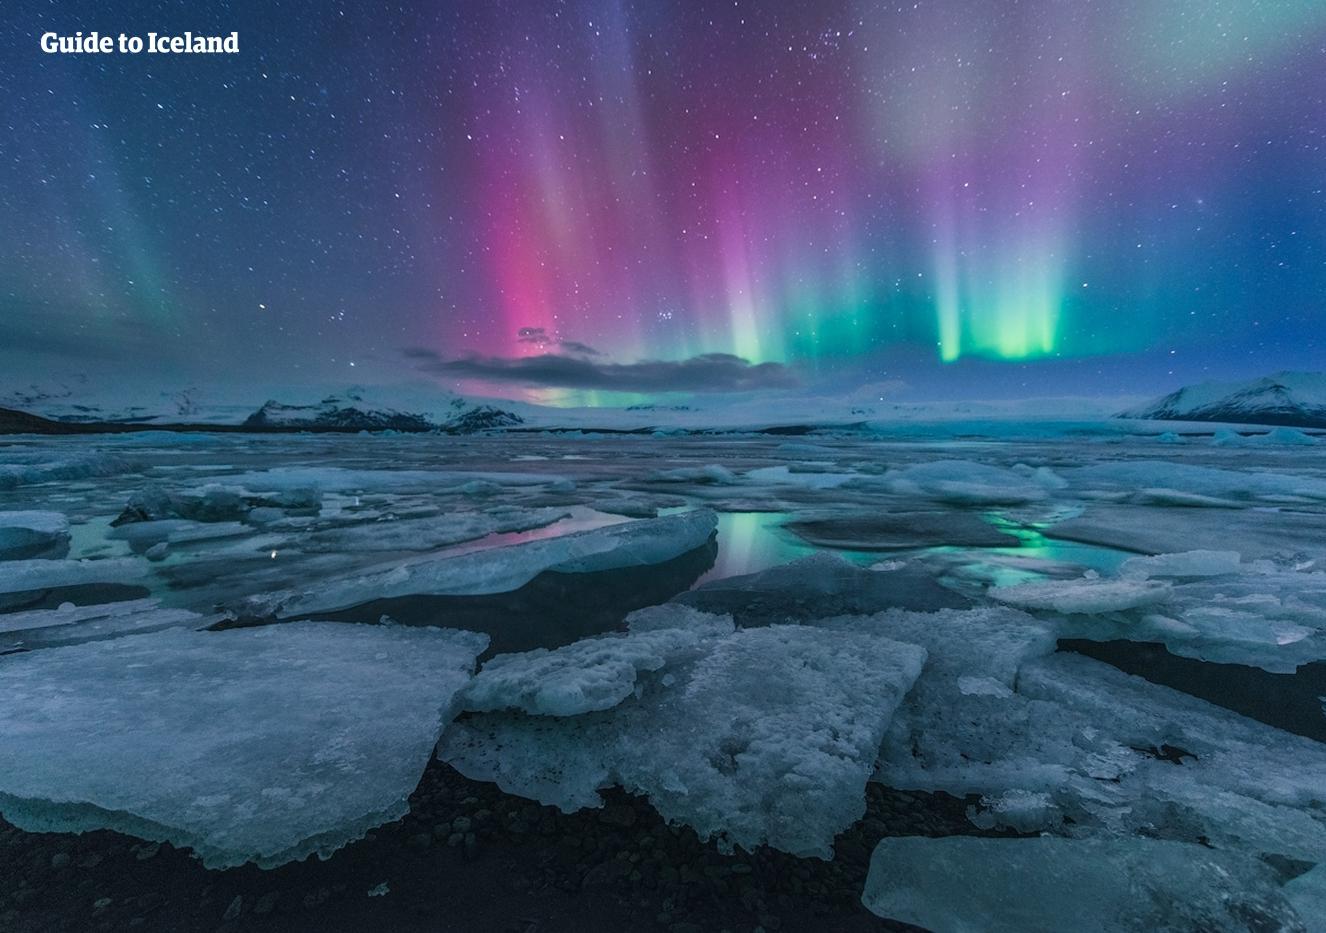 2-дневный бюджетный зимний тур | Южное побережье, Йокульсарлон и Голубая ледяная пещера - day 1